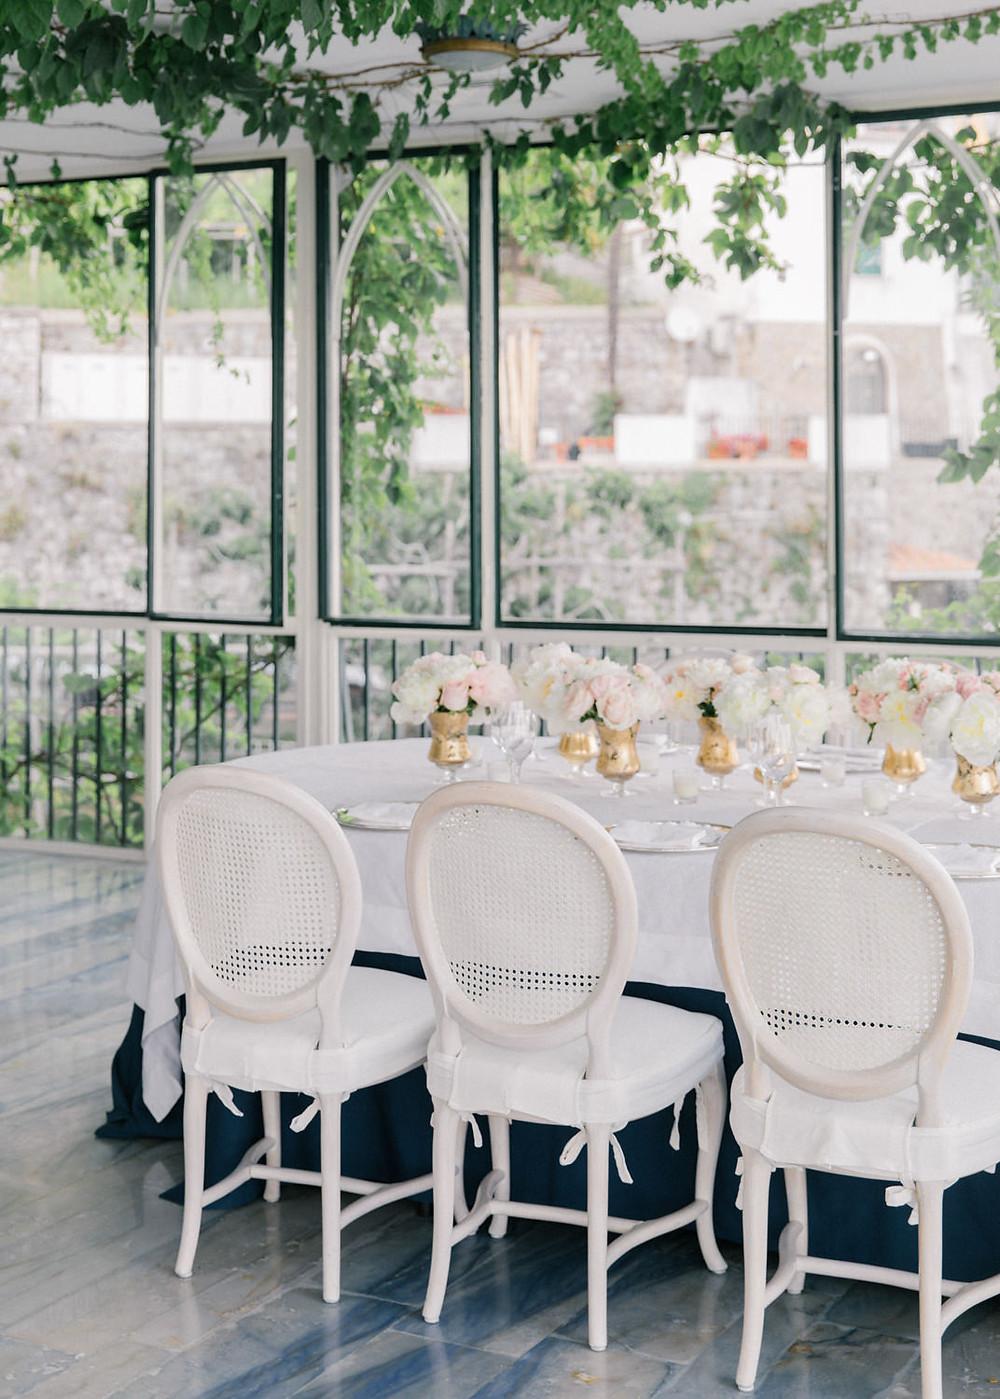 CASAMENTO ÍNTIMO EM ITÁLIA, COSTA AMALFITANA - Dream Weddings Europe